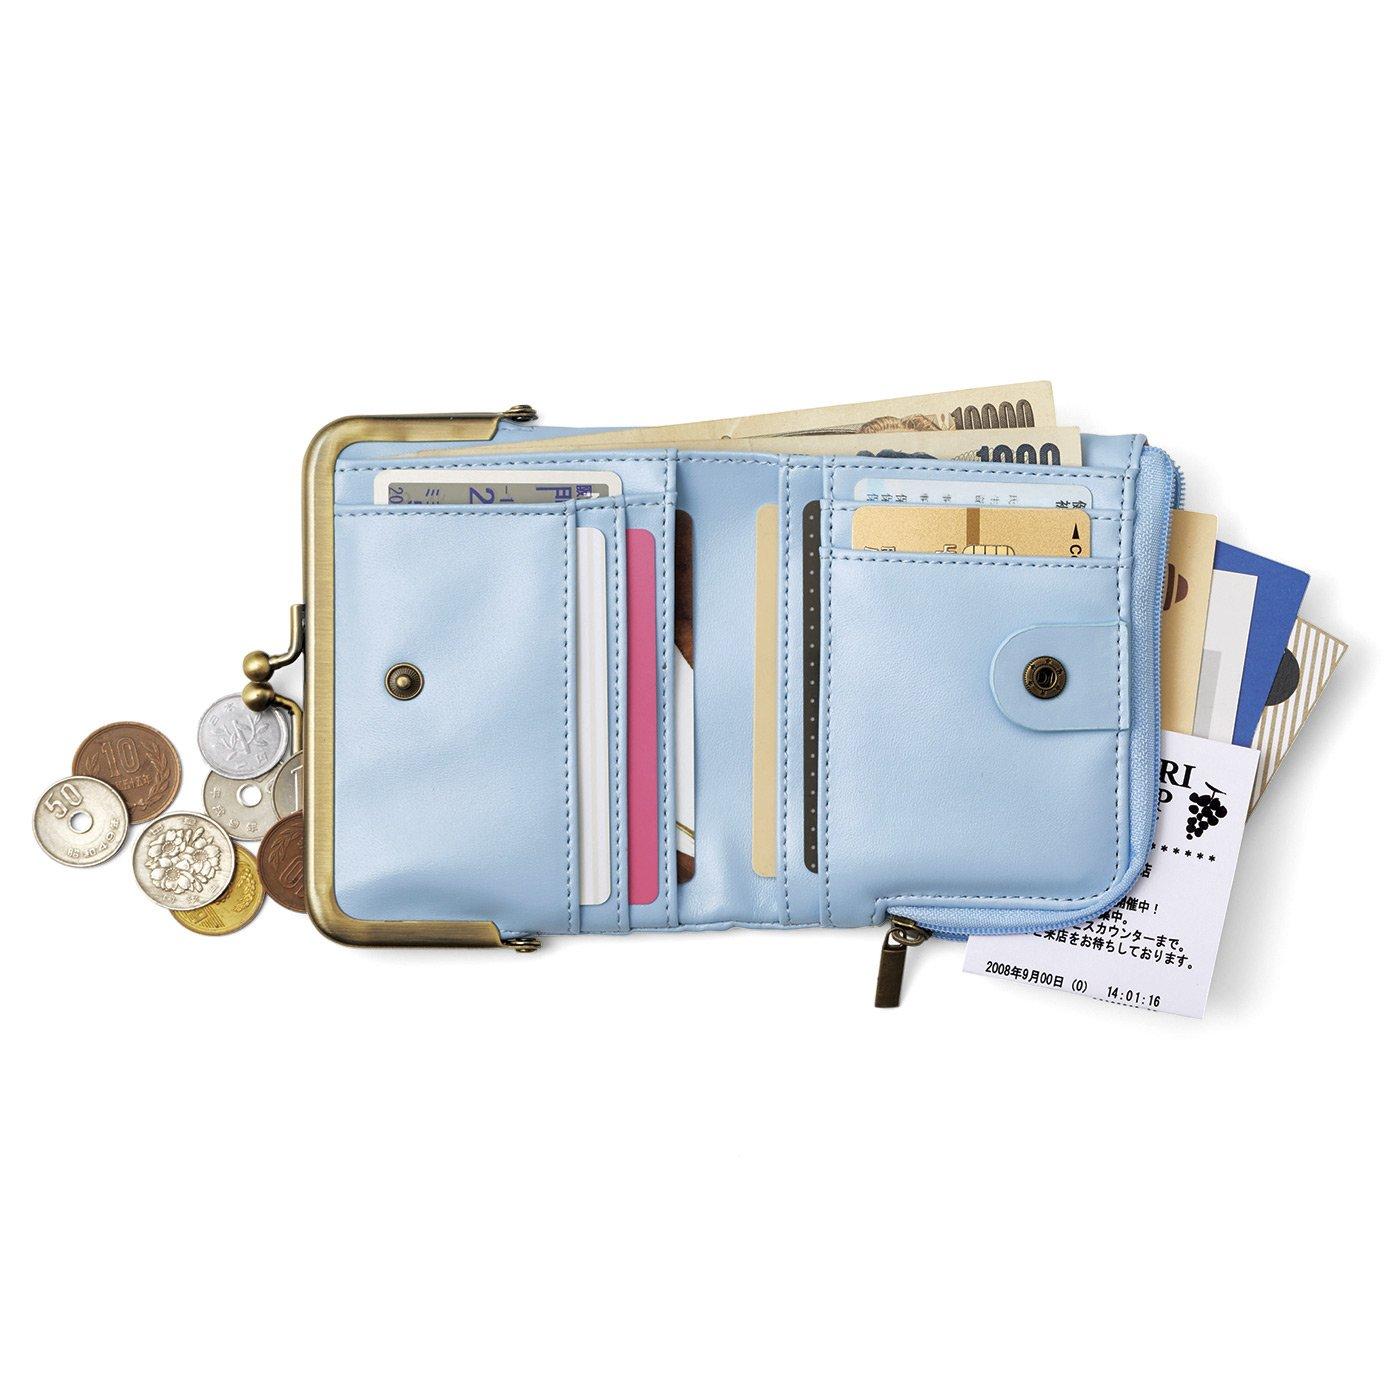 がま口とL字ファスナーが魅力 しあわせそらいろの手のり財布